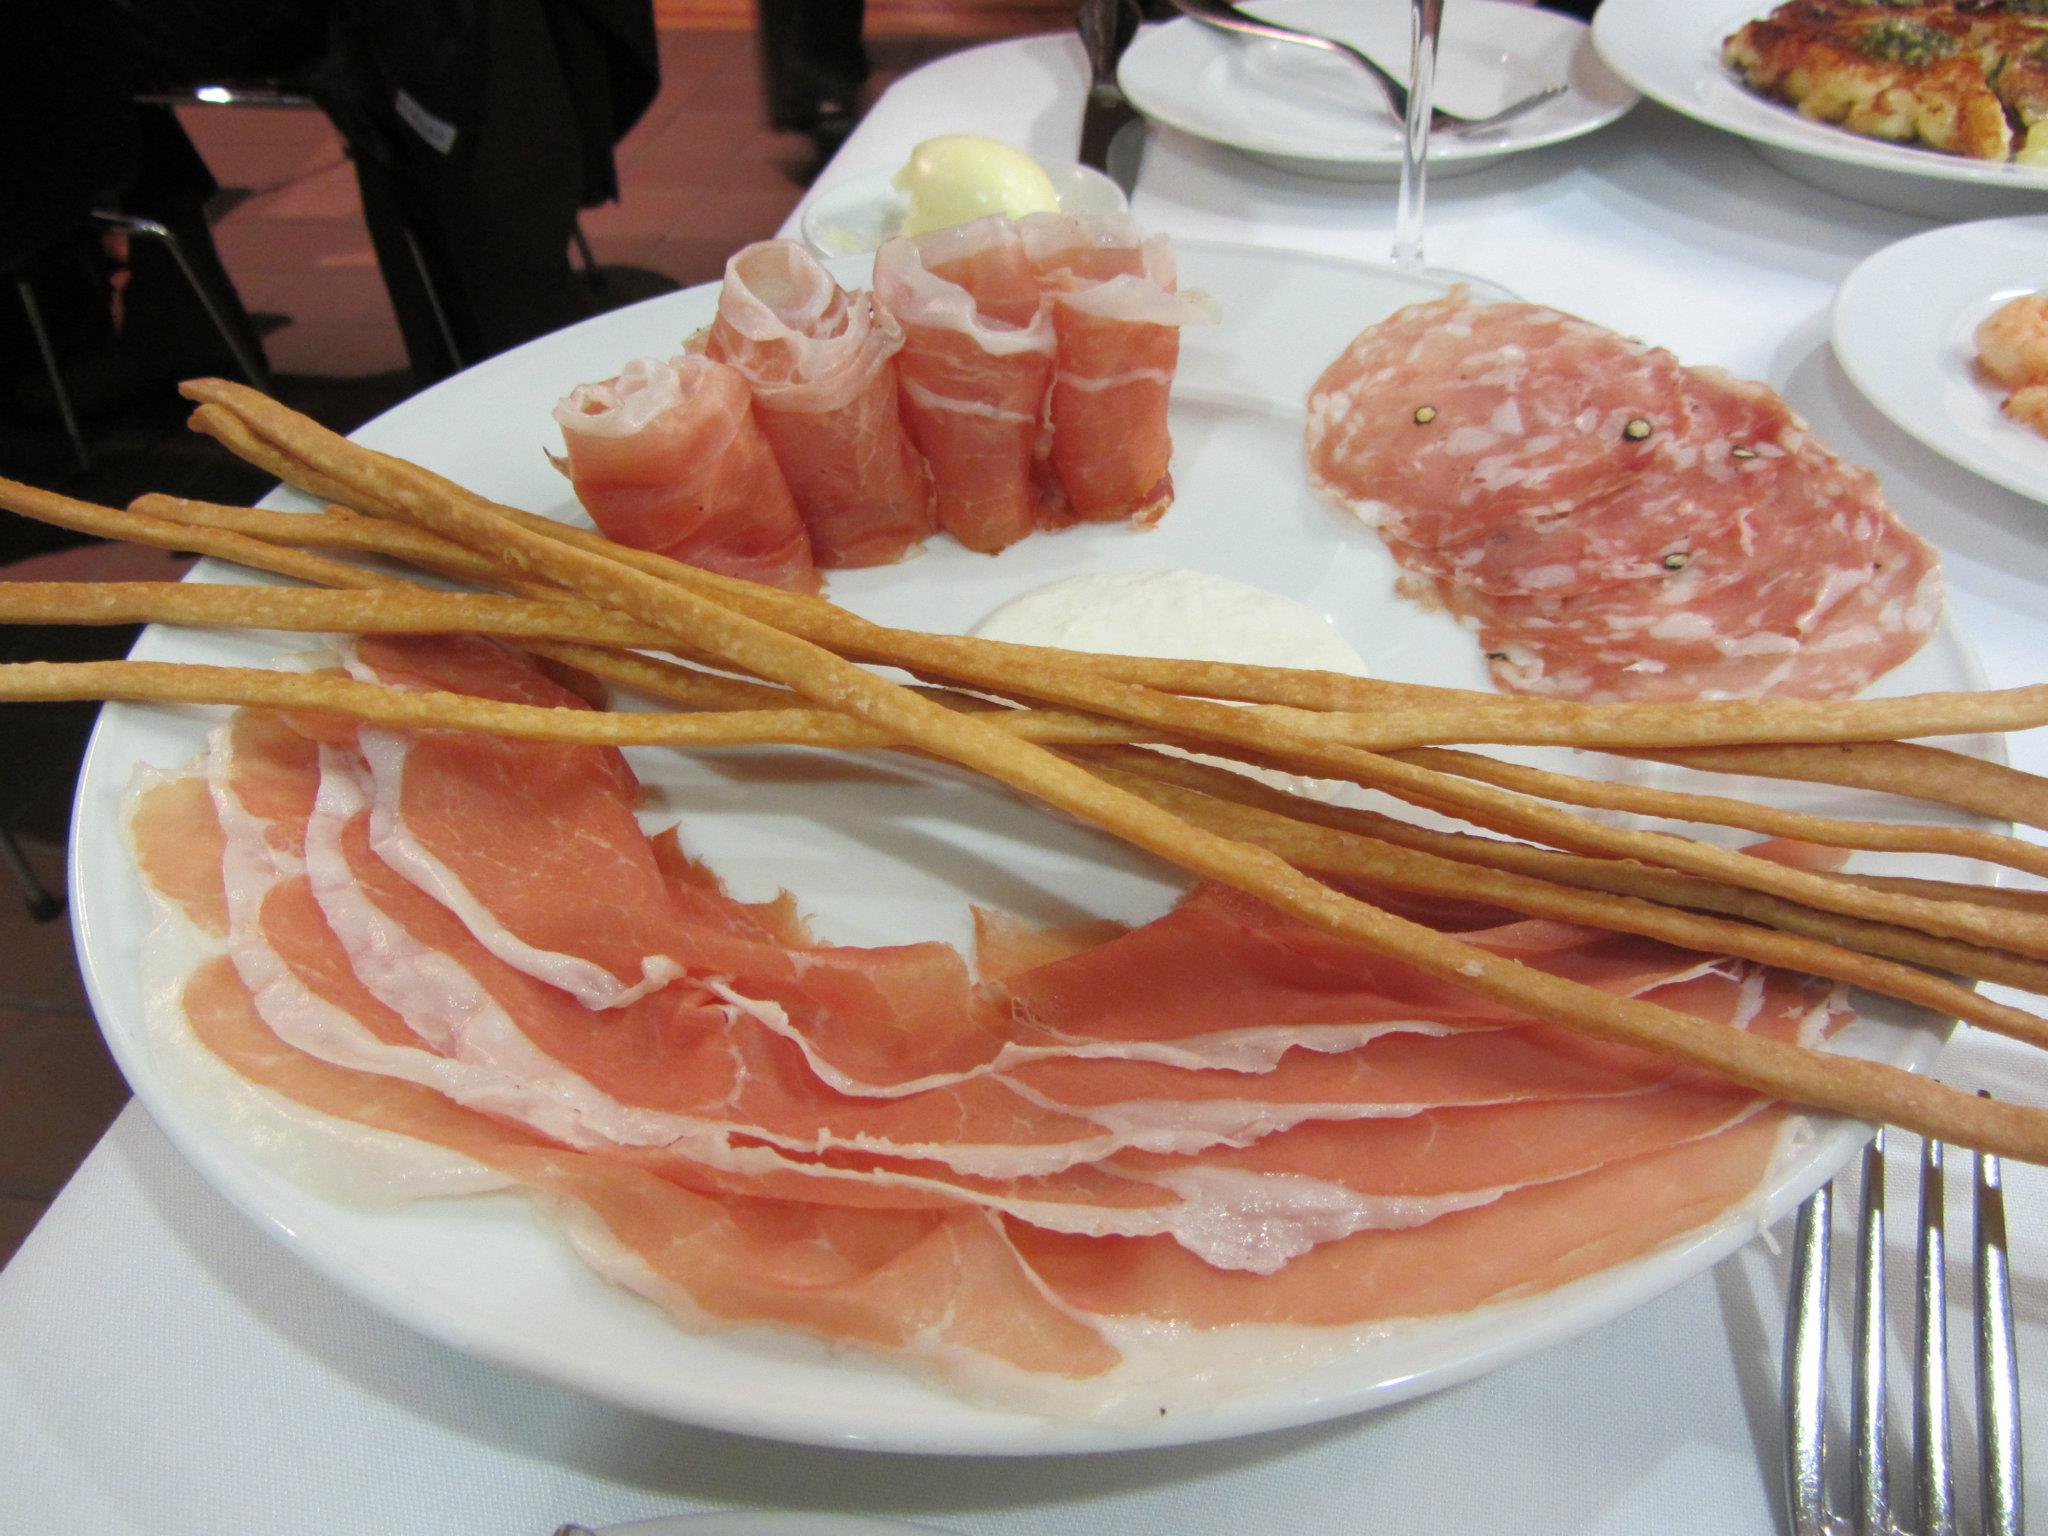 Salumi - Prosciutto di San Daniele riserva, speck Alto Adige, Fra'Mani salame toscano, rafano (horseradish creme fraiche), and grissini.